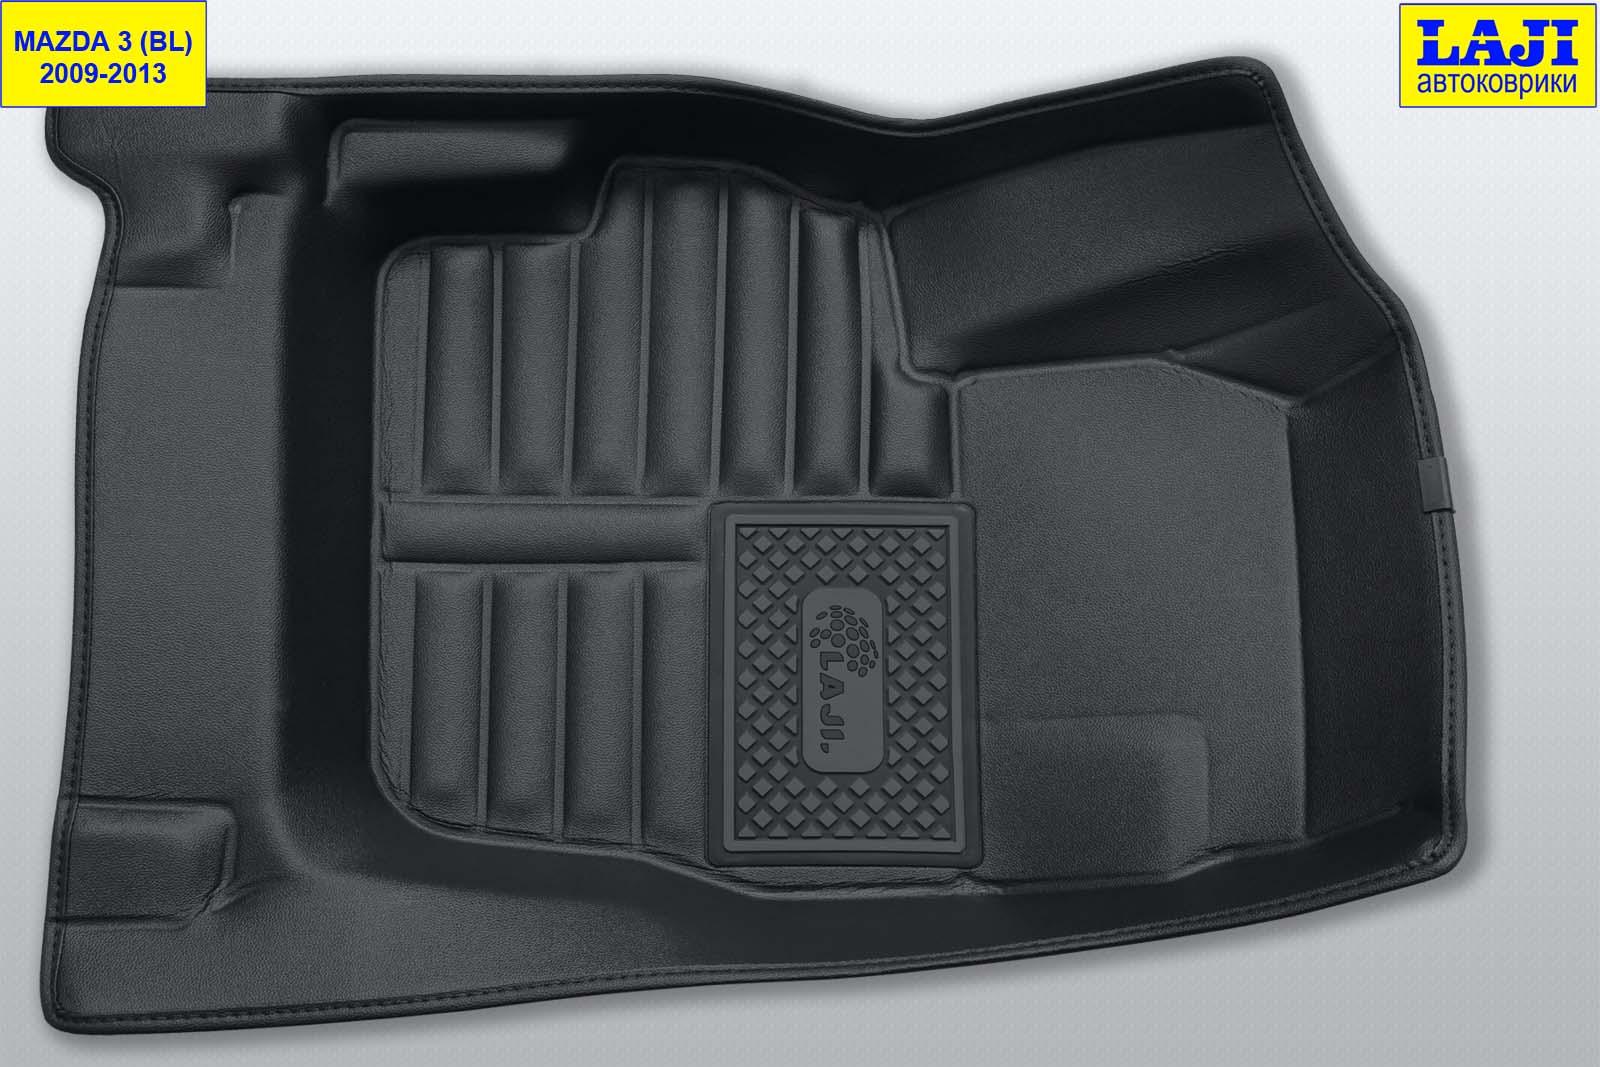 5D коврики в салон Mazda 3 BL 2009-2013 2